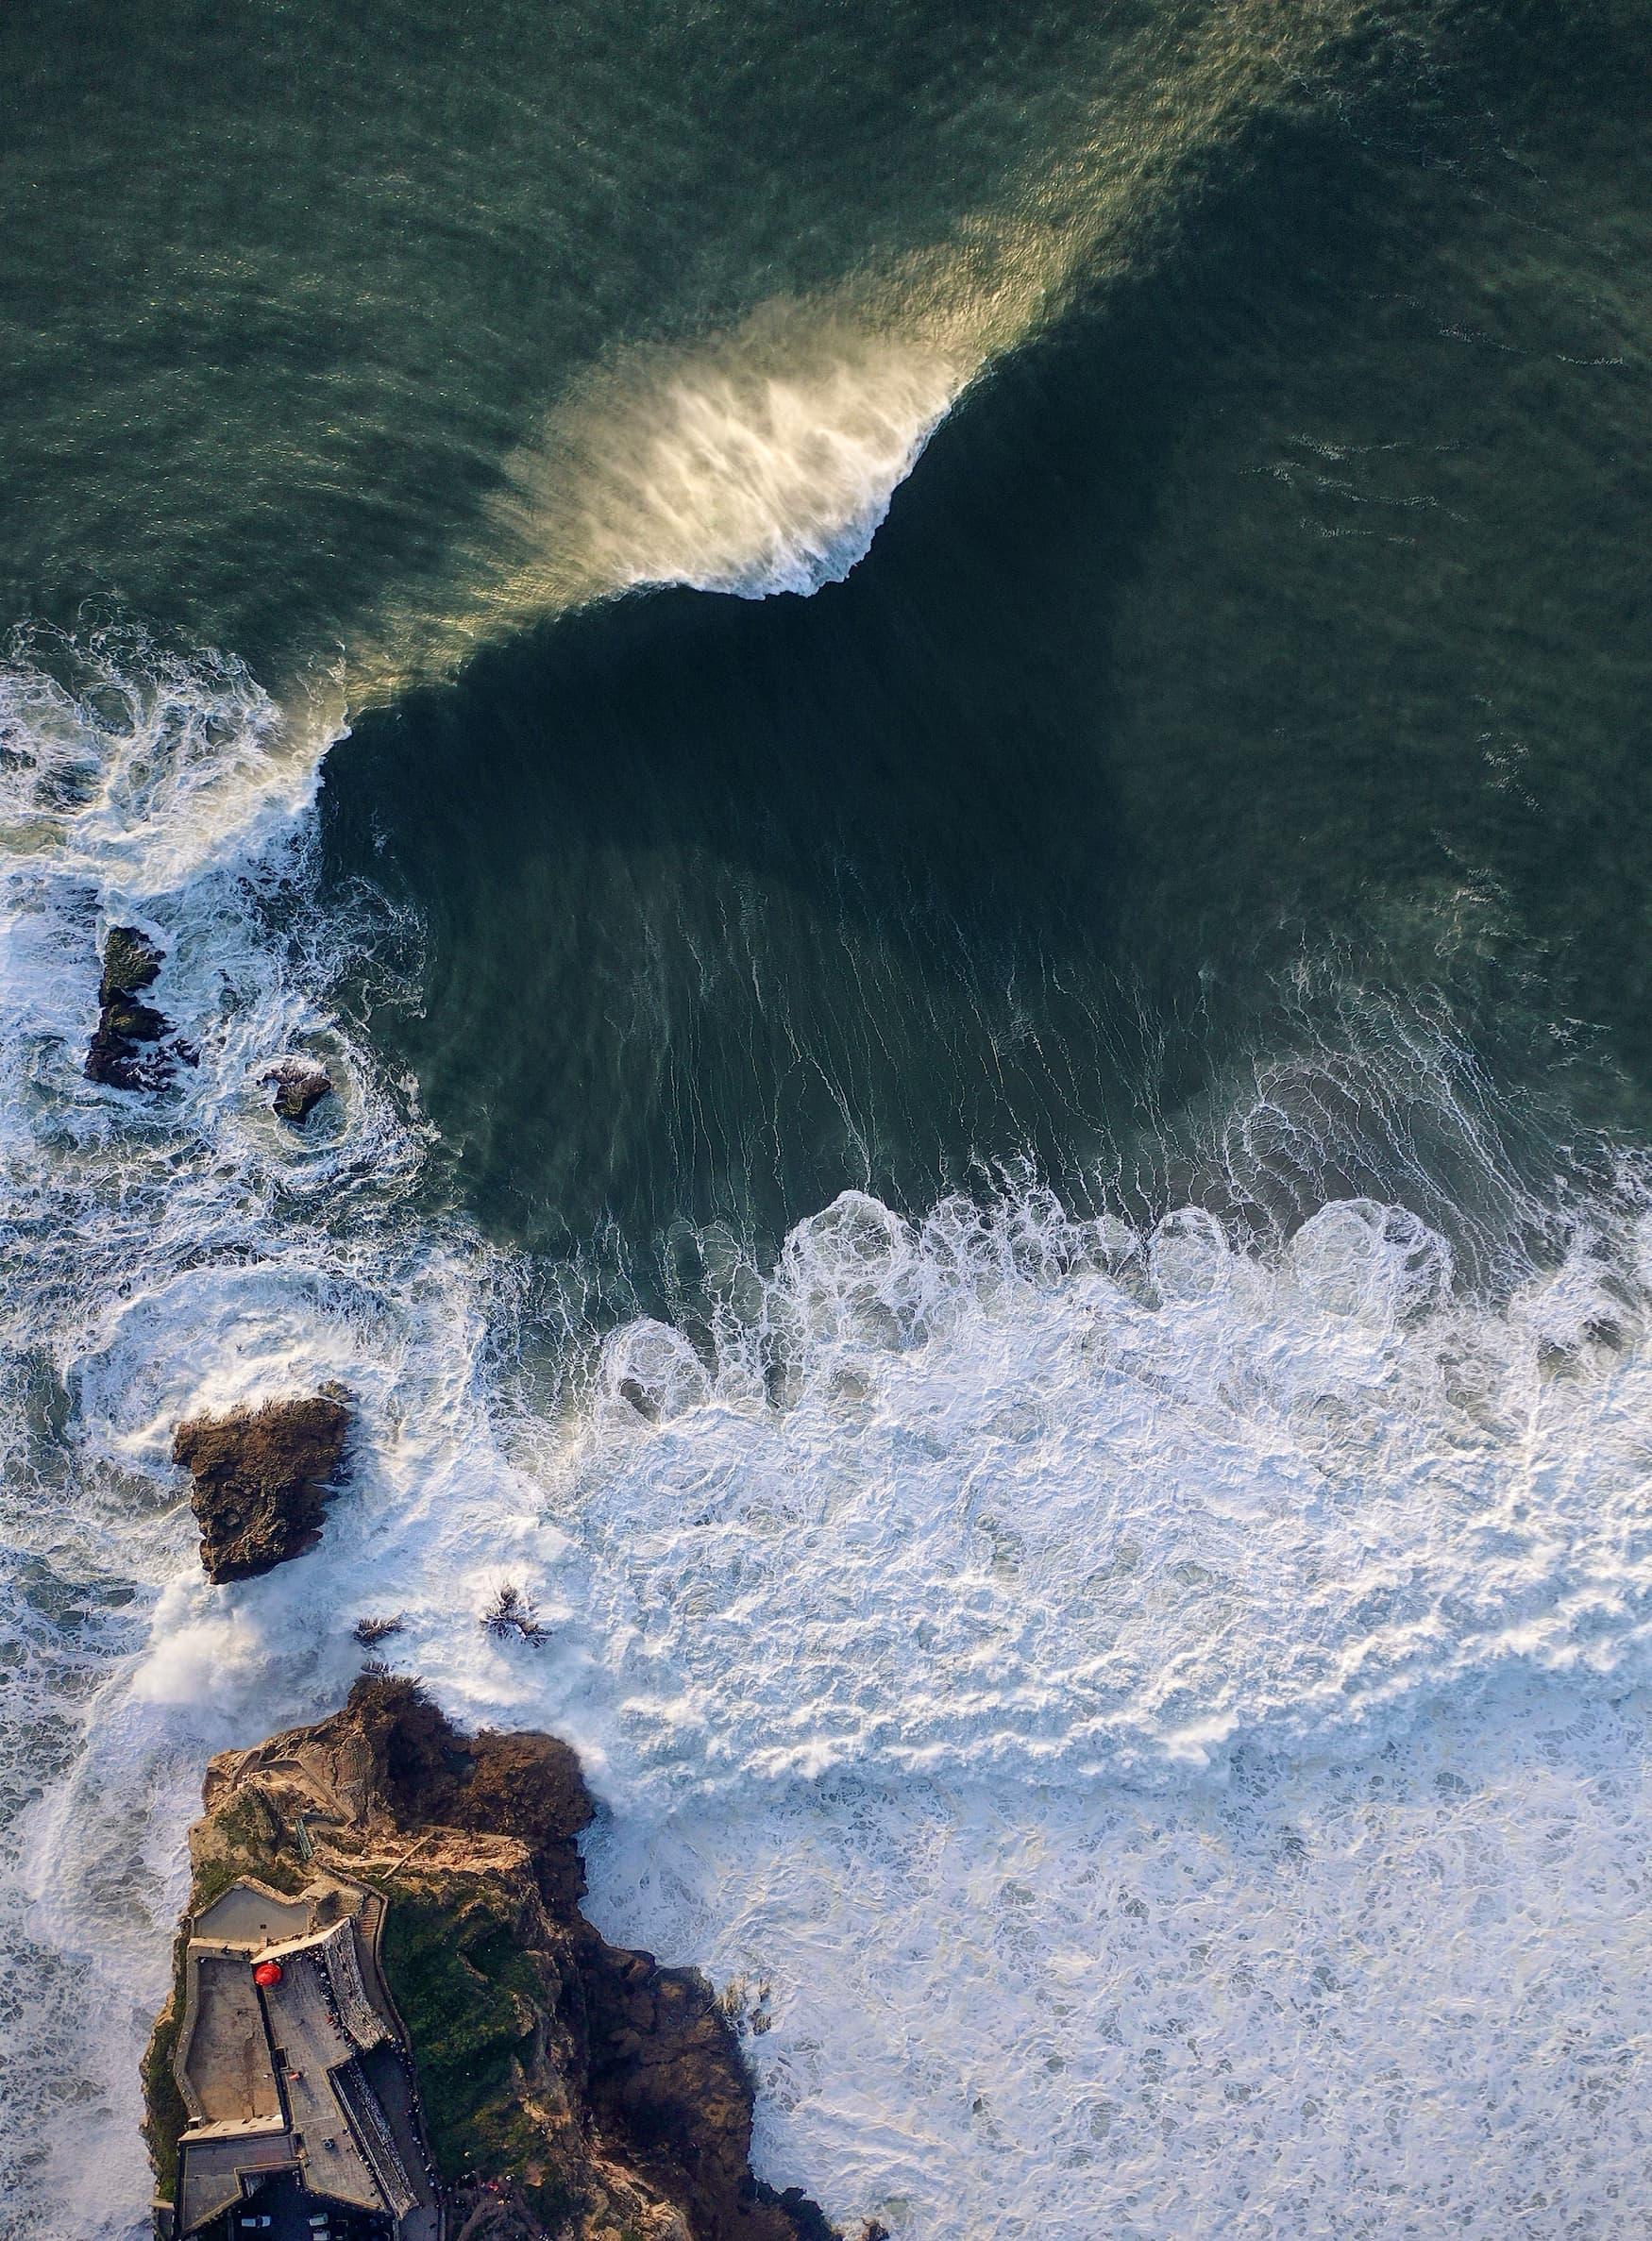 In Nazaré, Portugal, gibt es die größten Wellen der Welt